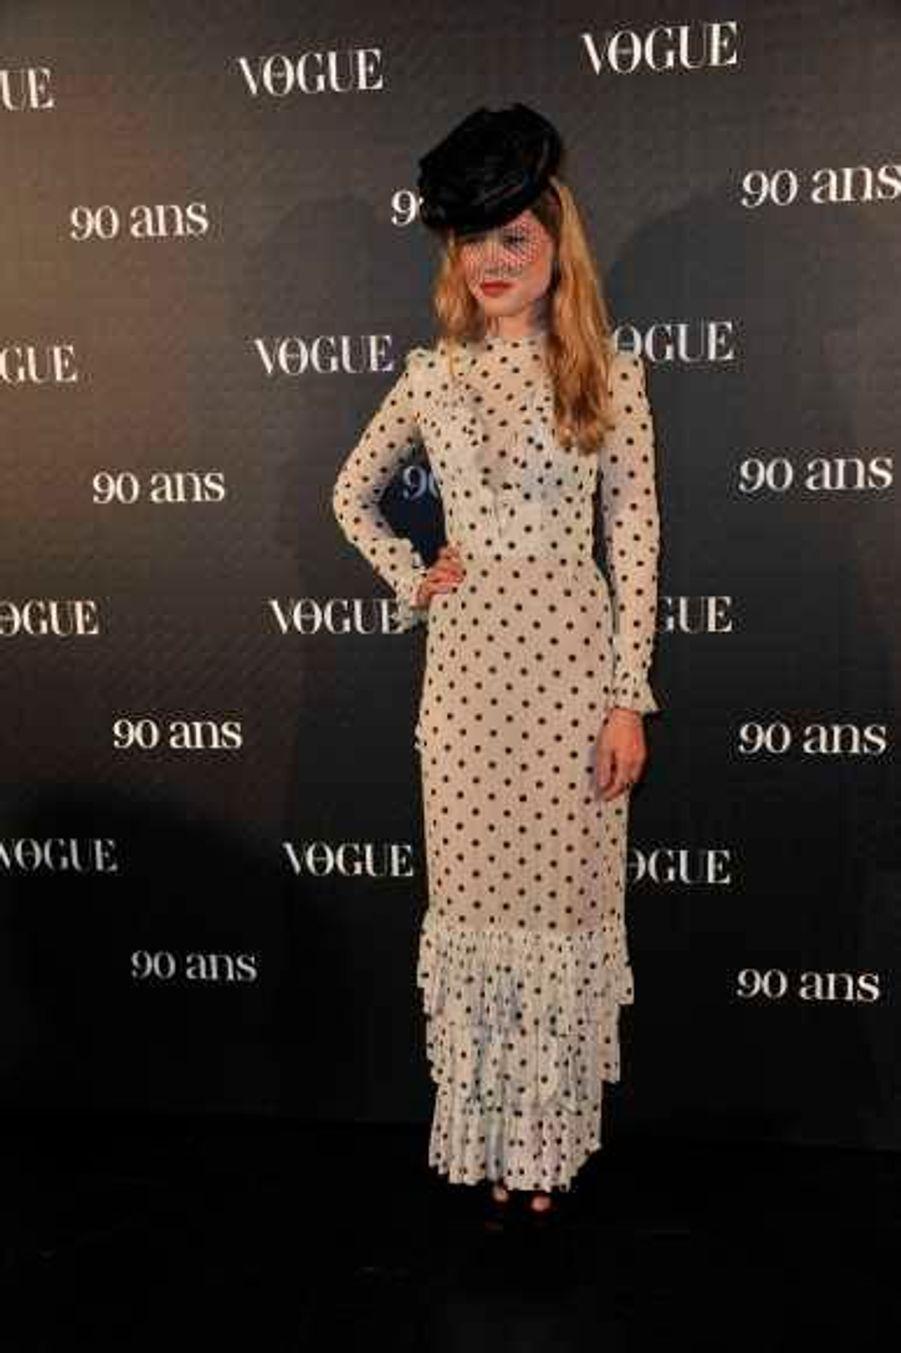 Férue de mode, on l'aperçoit souvent aux défilés lors de la Fashion Week. En octobre, elle assisté à la soirée anniversaire des 90 ans de Vogue donnée en marge de la semaine de la mode parisienne.